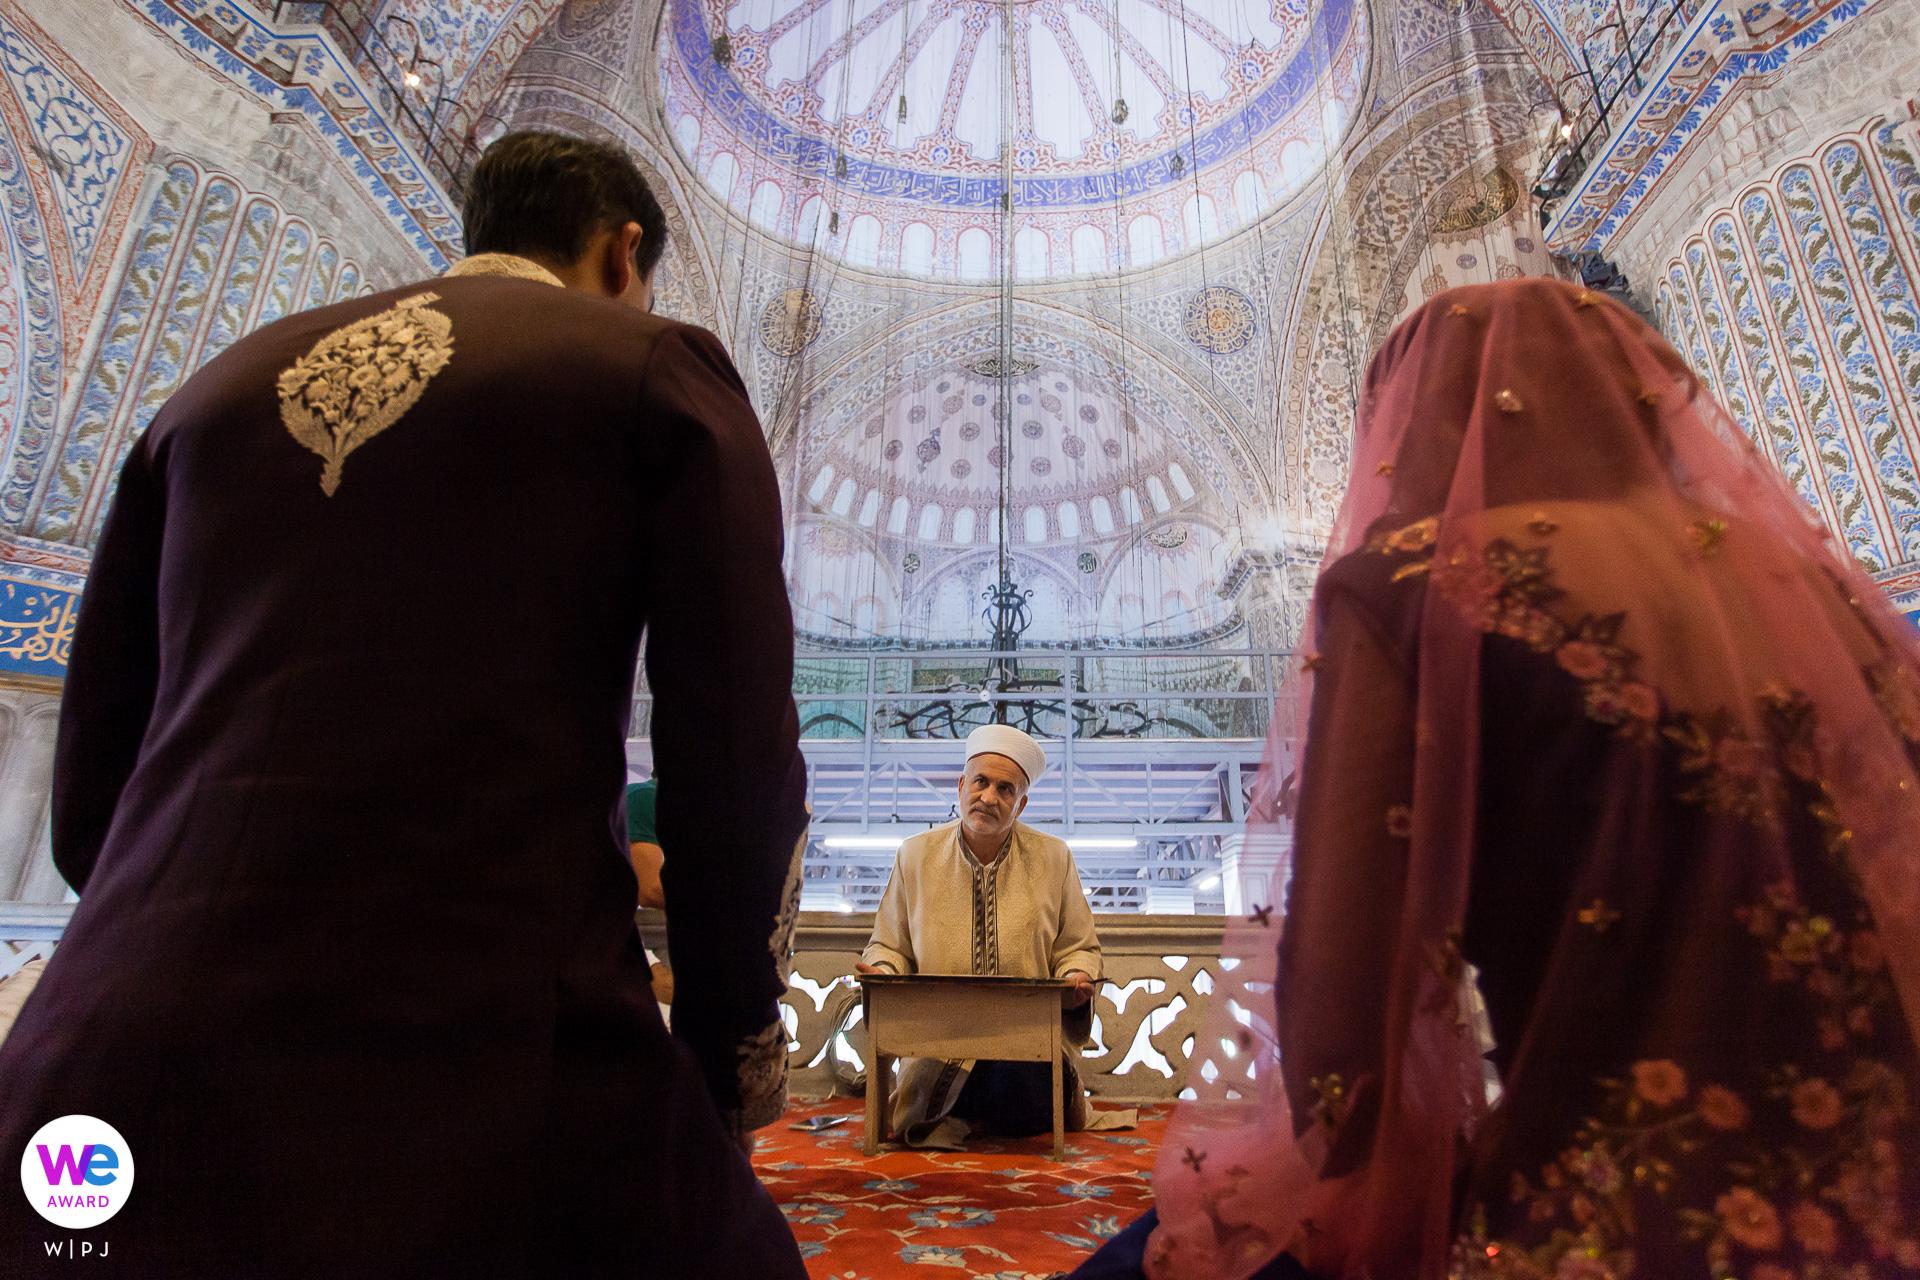 Blaue Moschee, Istanbul, Türkei Elopement Fotografie | Der Imam führt eine muslimische Hochzeitszeremonie durch, während Braut und Bräutigam zuhören